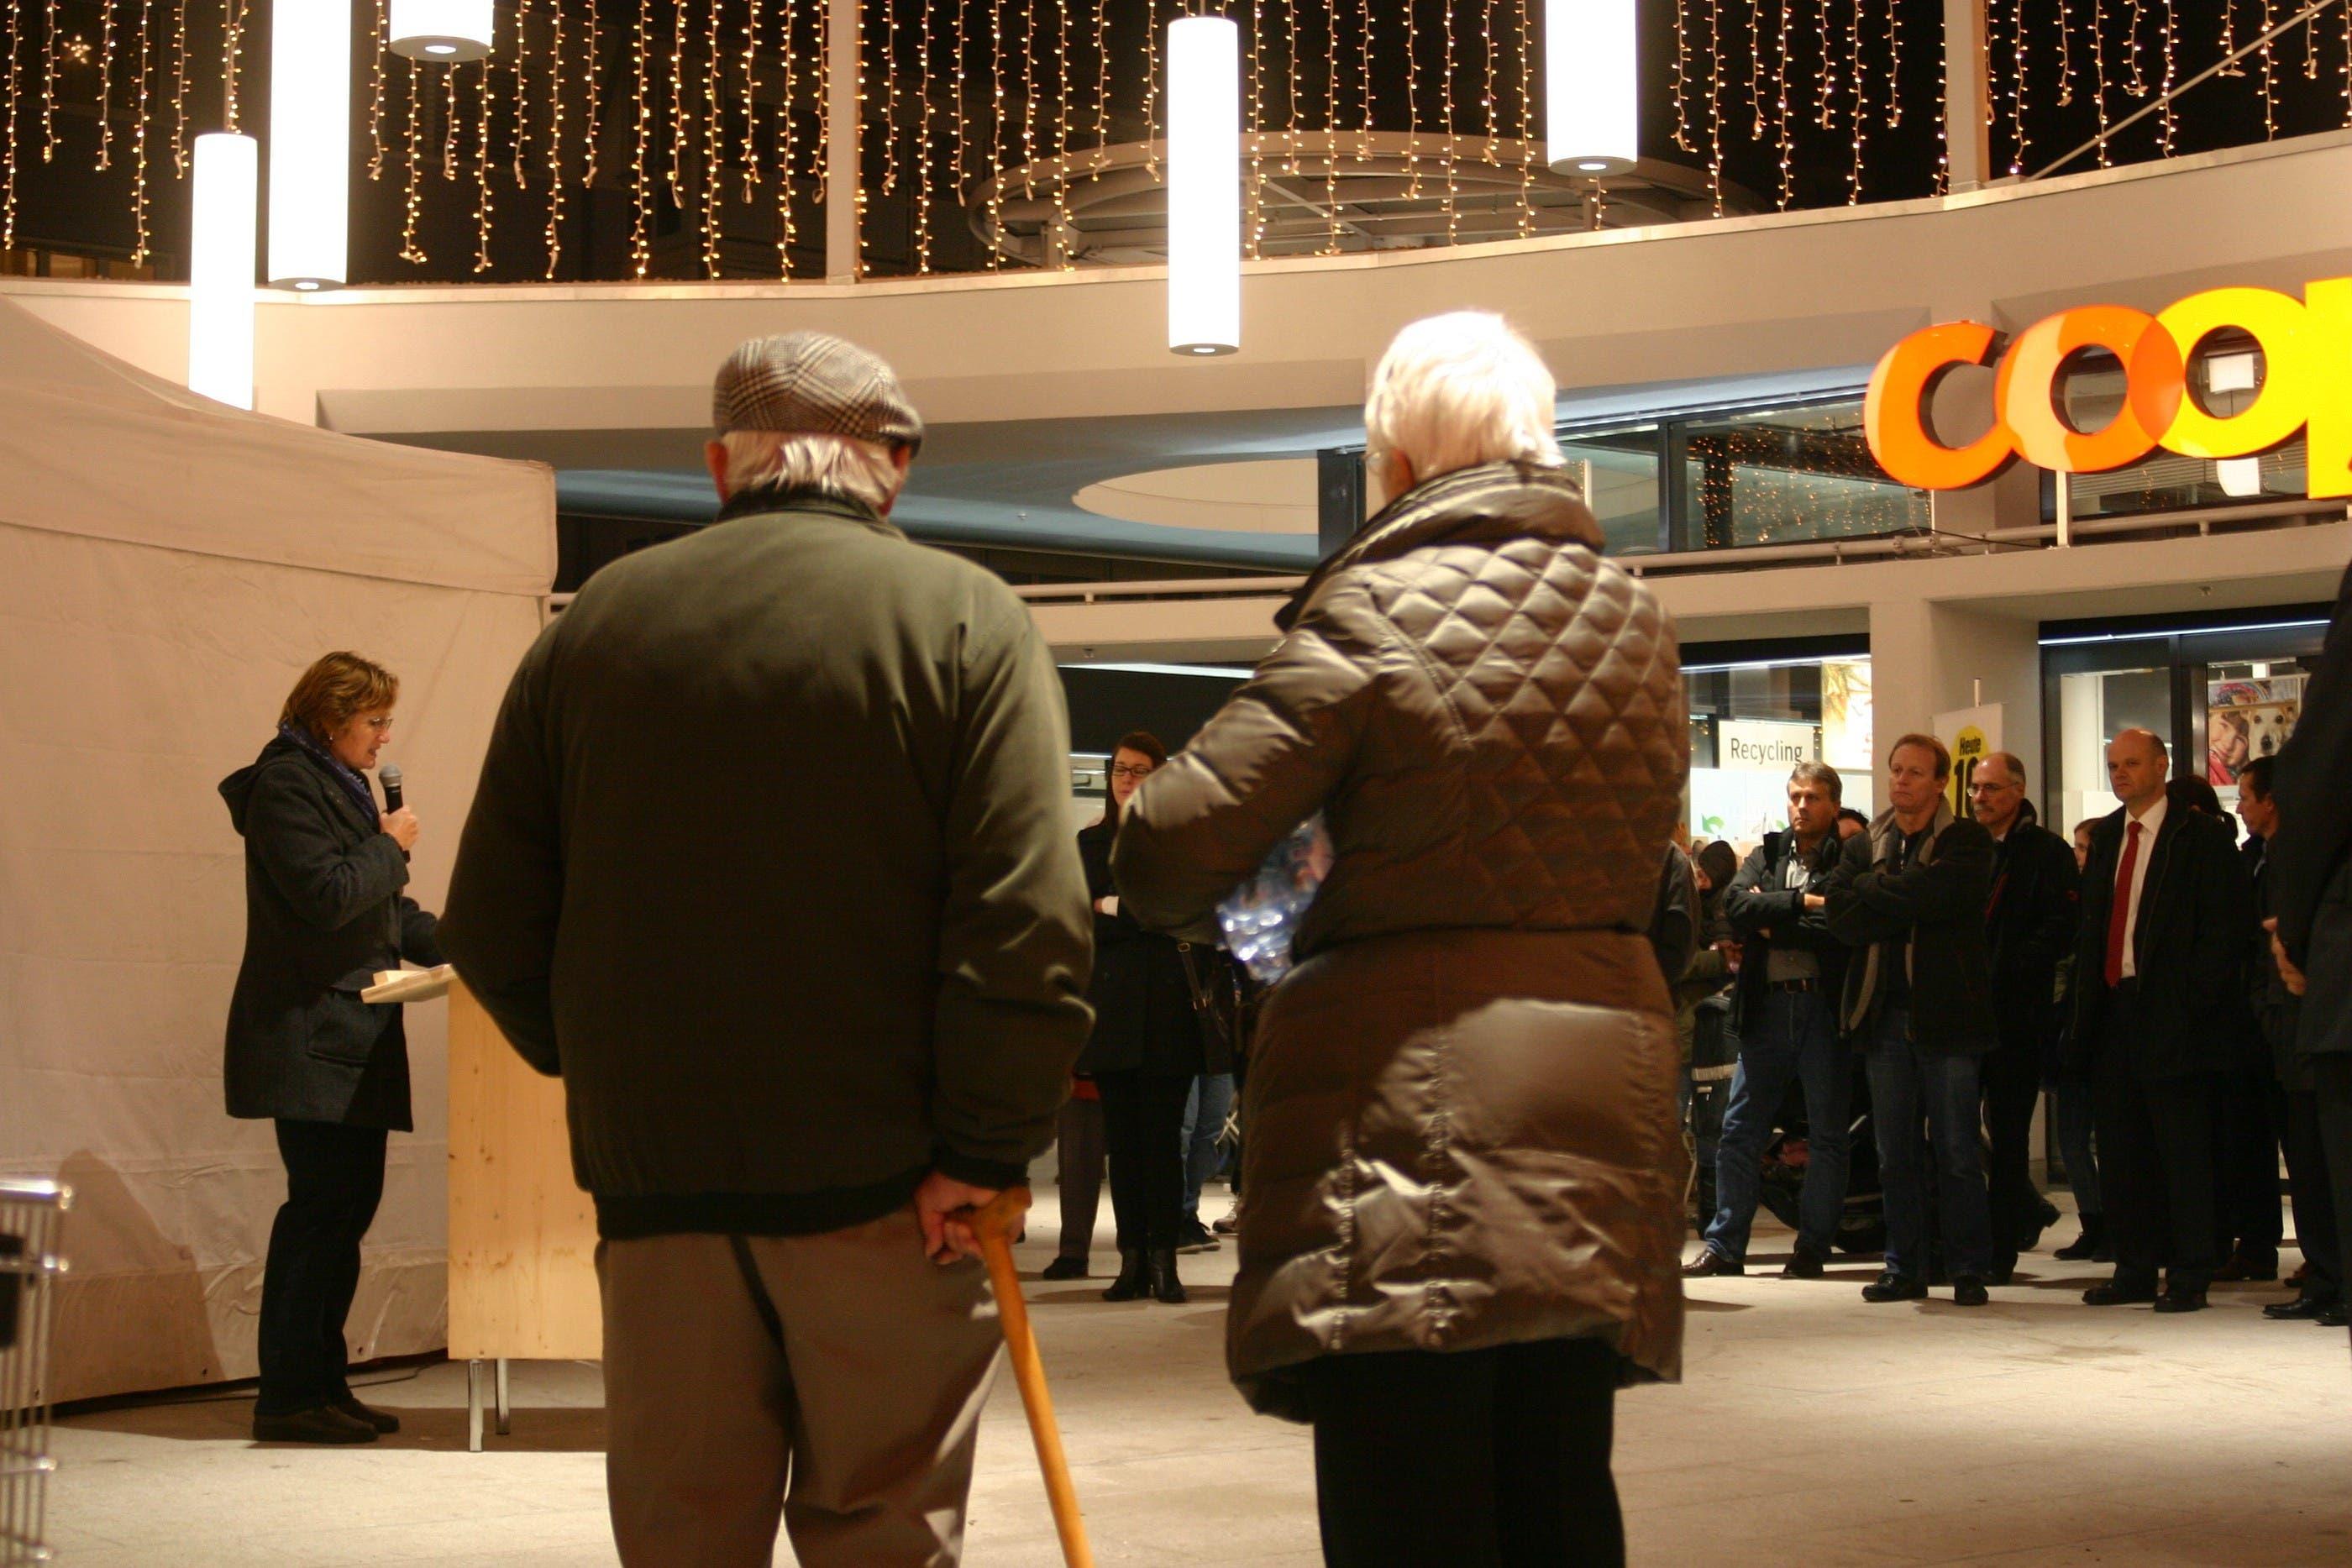 Urdorfs Gemeindepräsidentin Sandra Rottensteiner dankte allen Beteiligten und übermittelte die Grussbotschaft der Gemeinde Urdorf